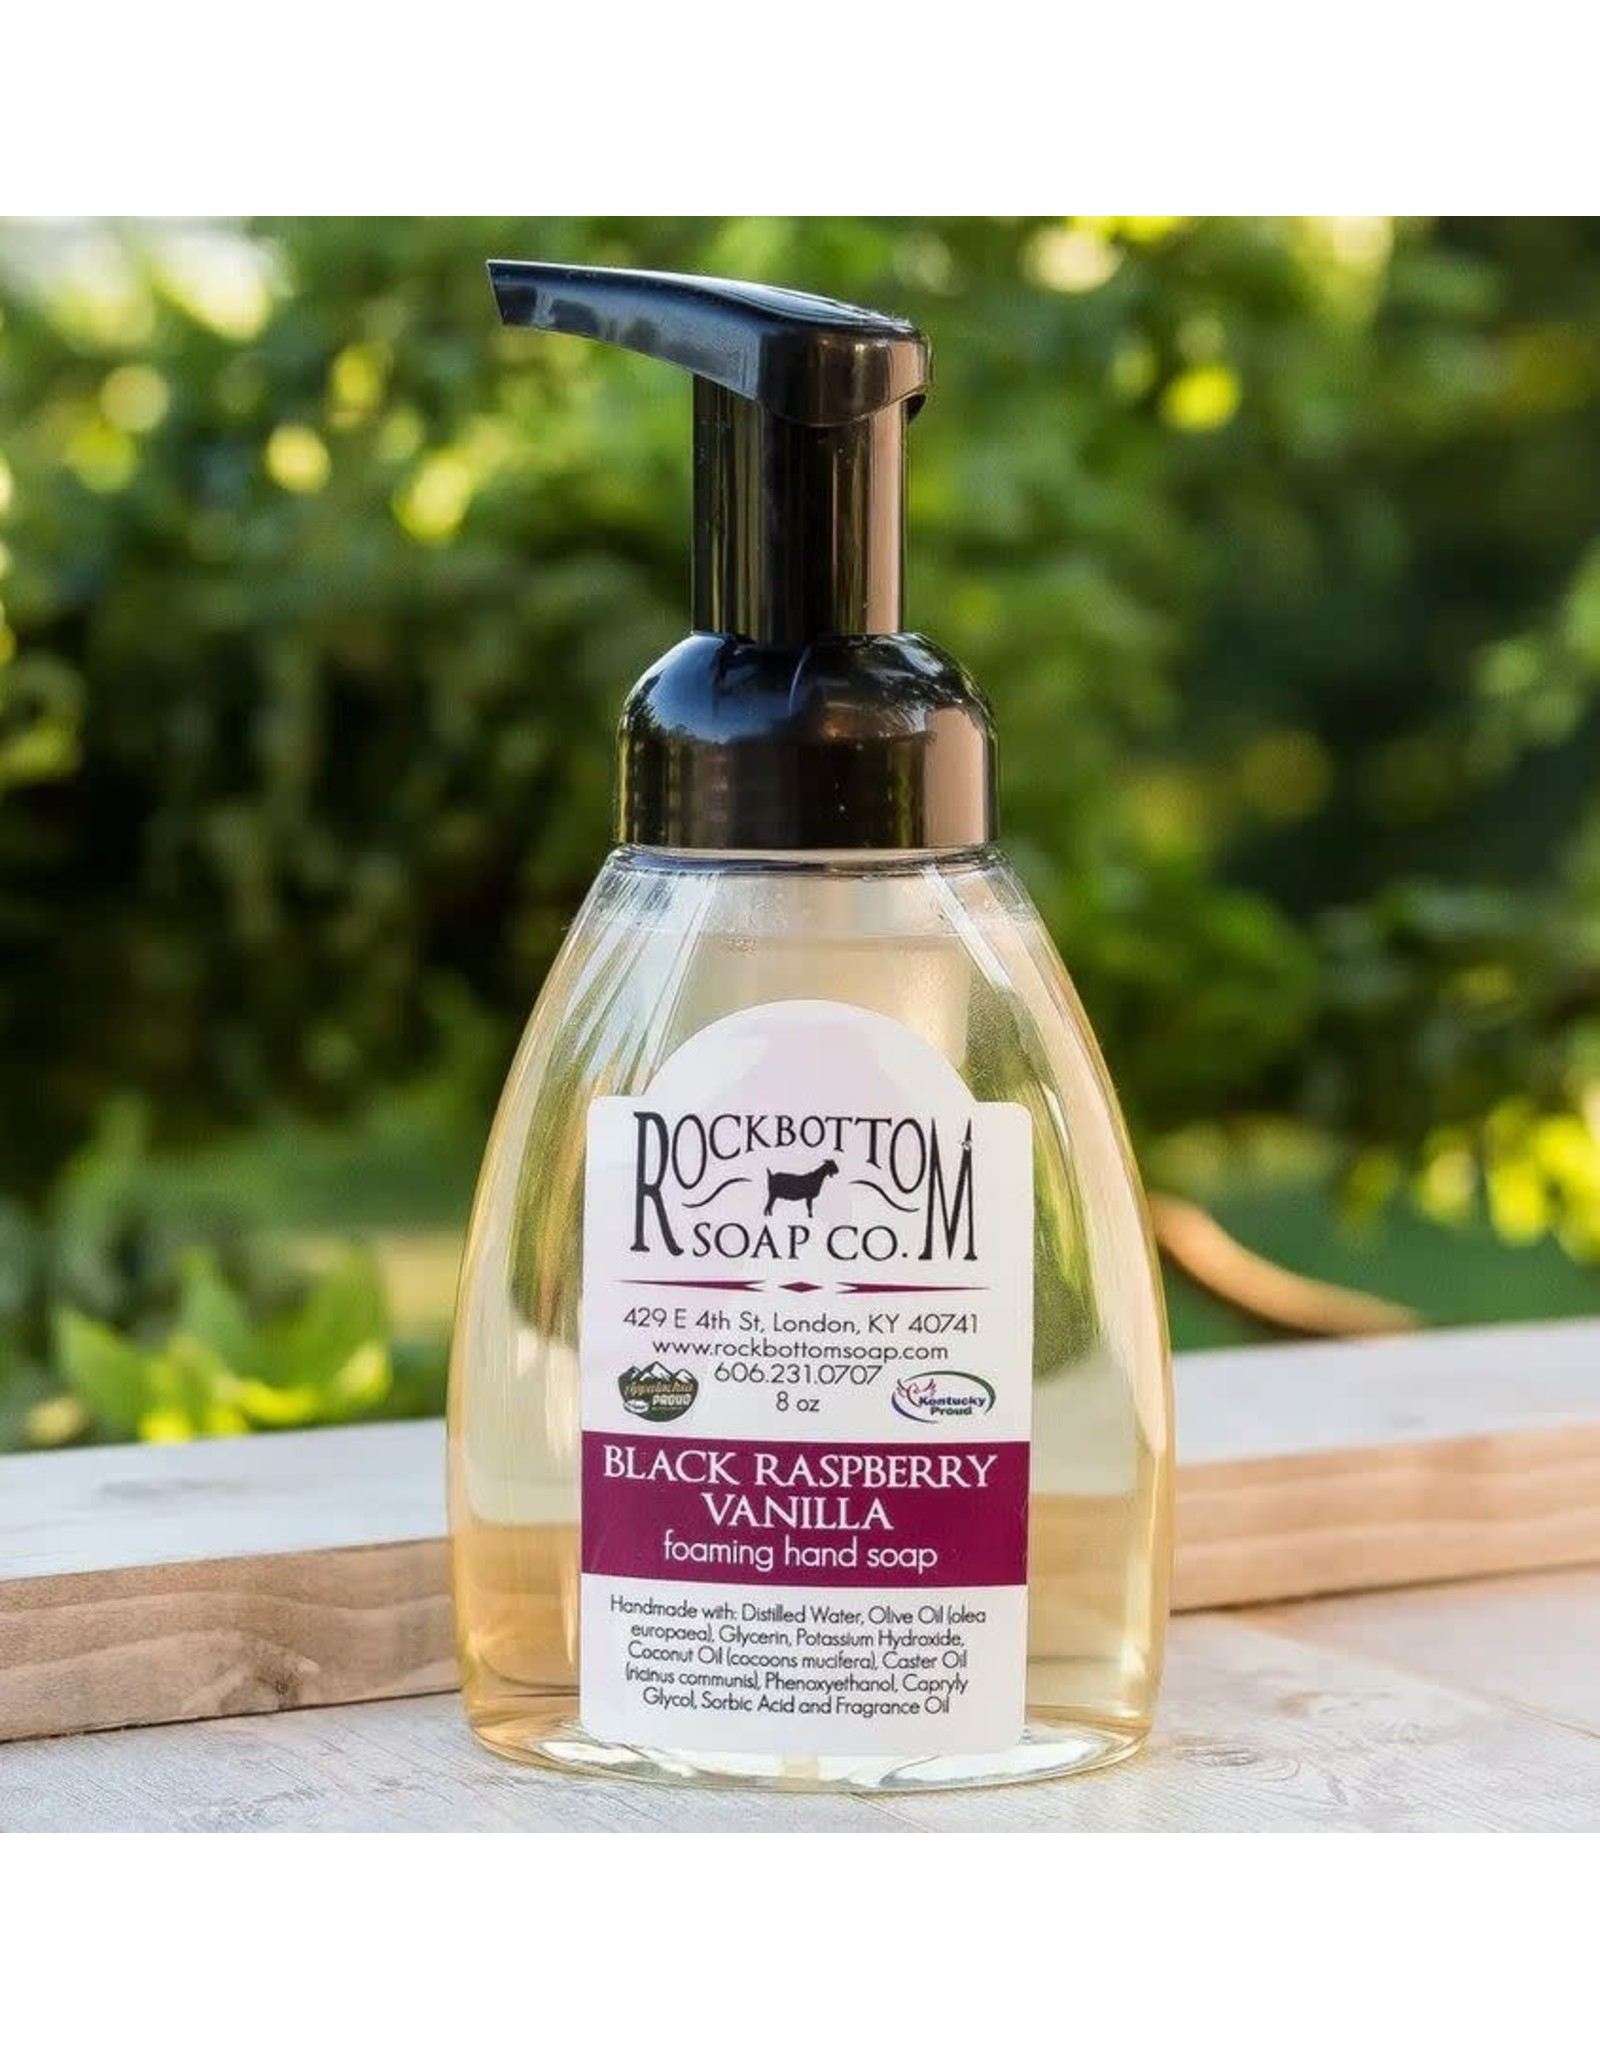 ROCK BOTTOM SOAP CO ROCK BOTTOM FOAMING HAND SOAP -